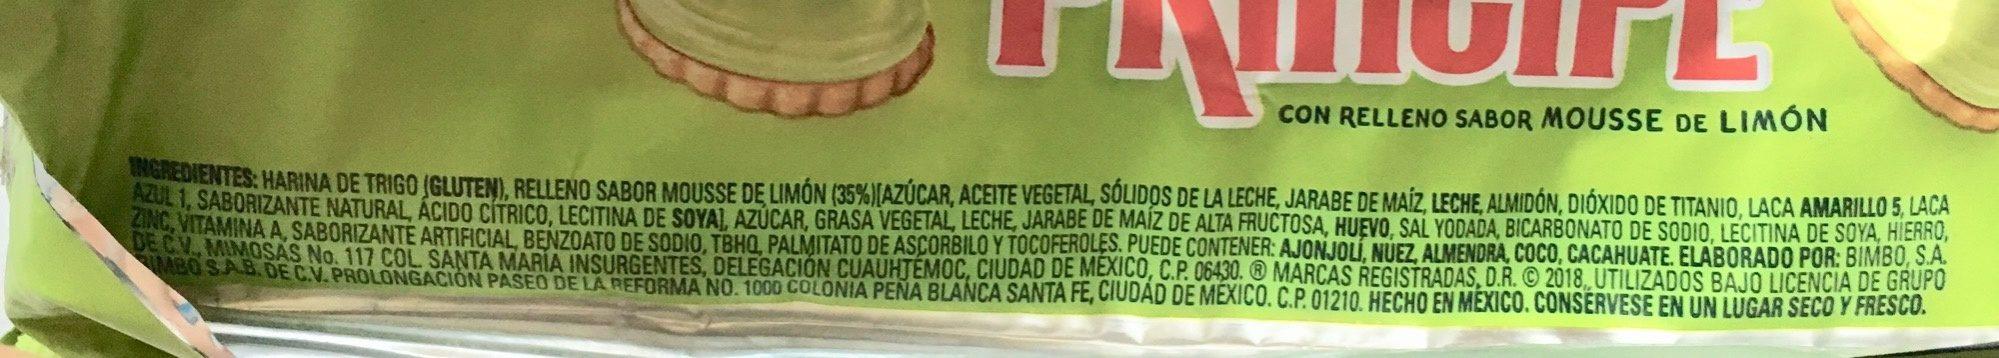 Galletas Príncipe Mousse de Limón Marinela - Ingrediënten - es